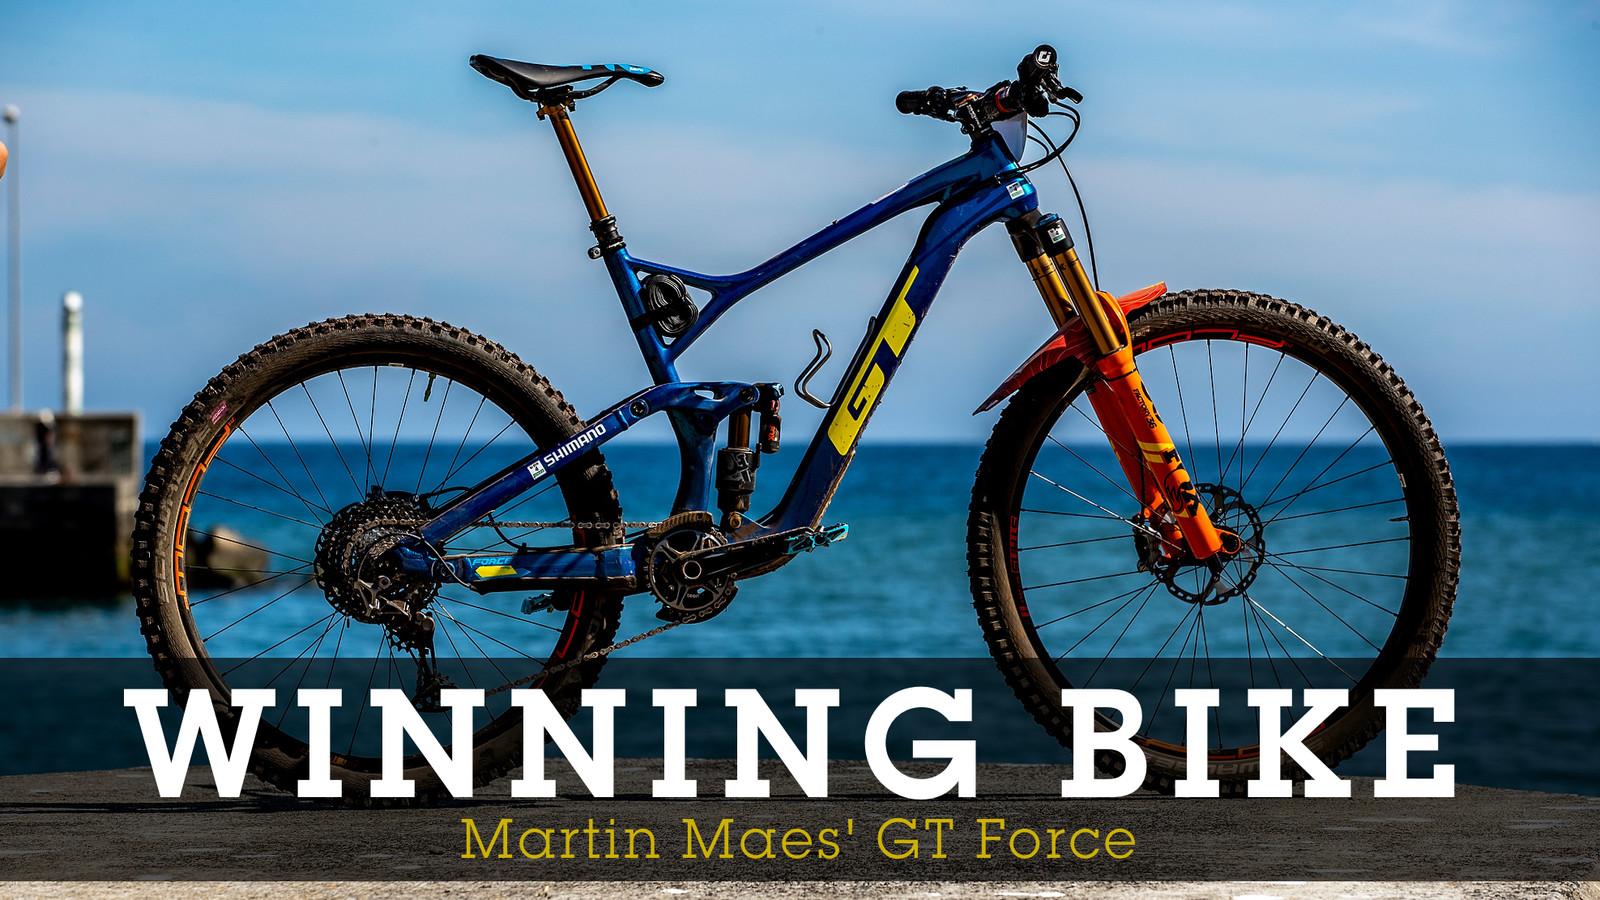 WINNING BIKE - Martin Maes' GT Force 69er